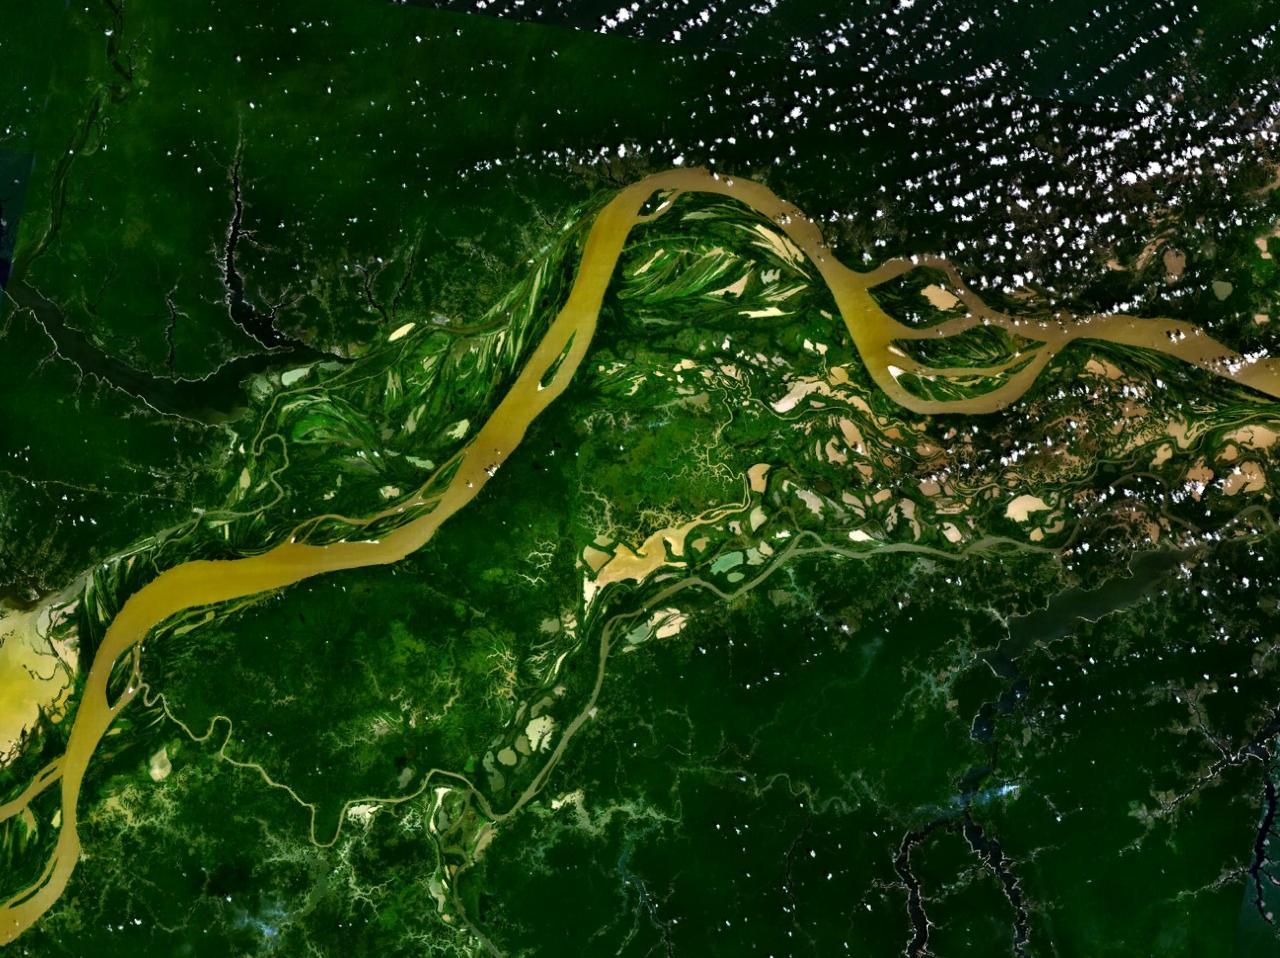 Brazil Amazon_57.53278W_2.71207S